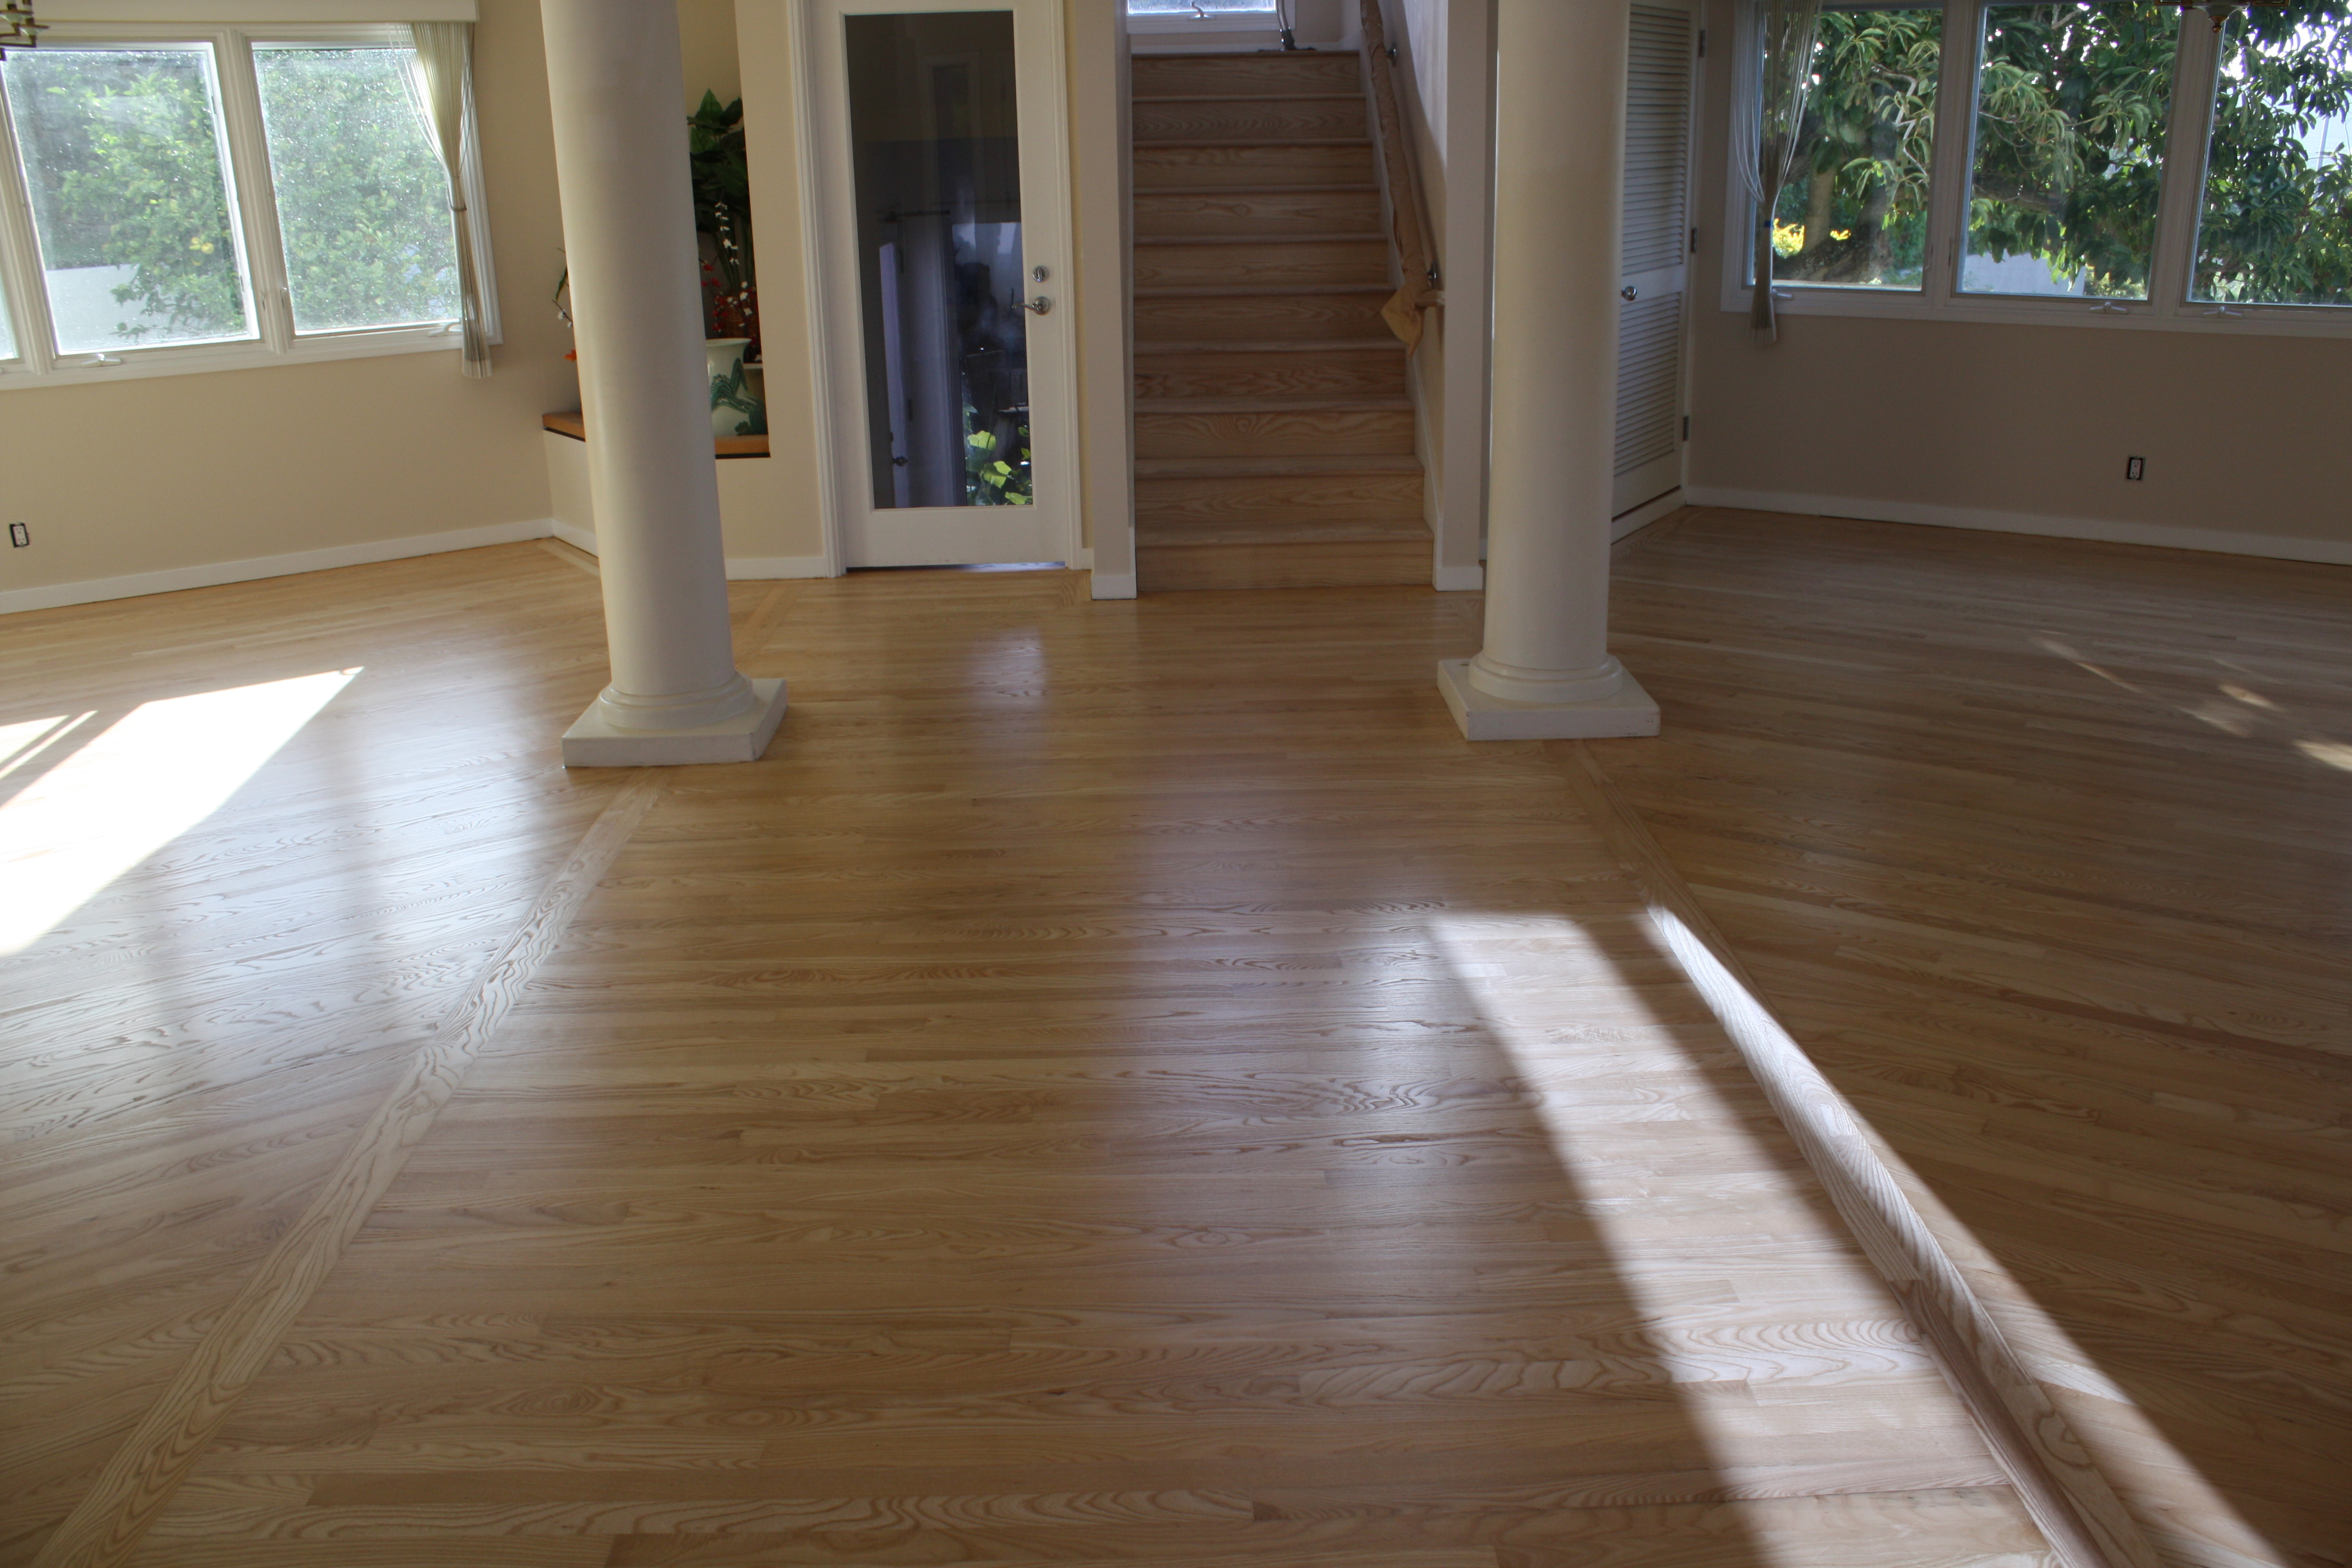 Sharp Wood Floors image 0